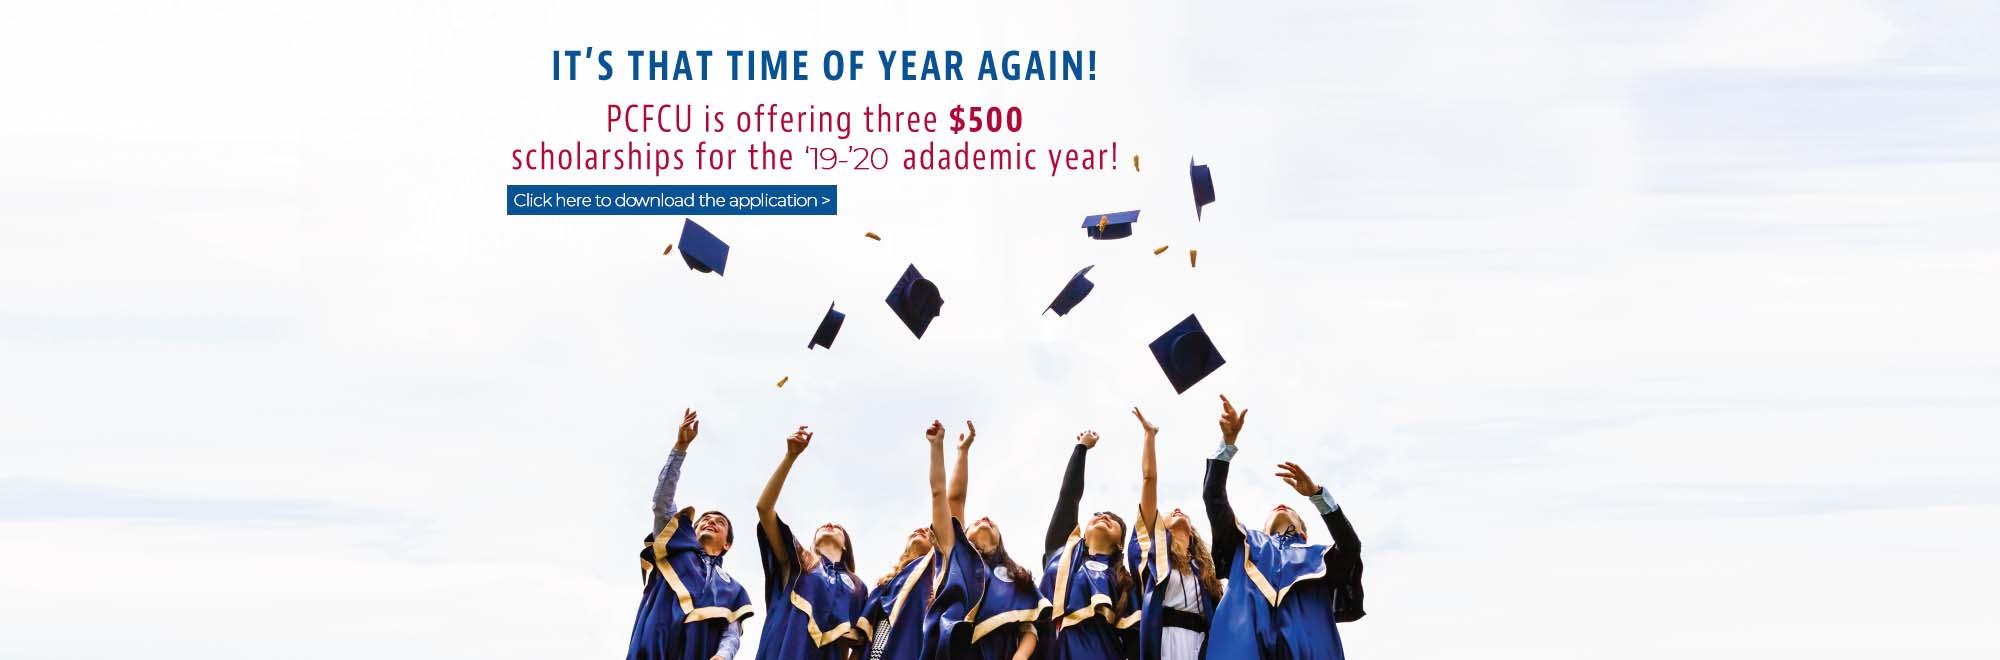 2019 Scholarship